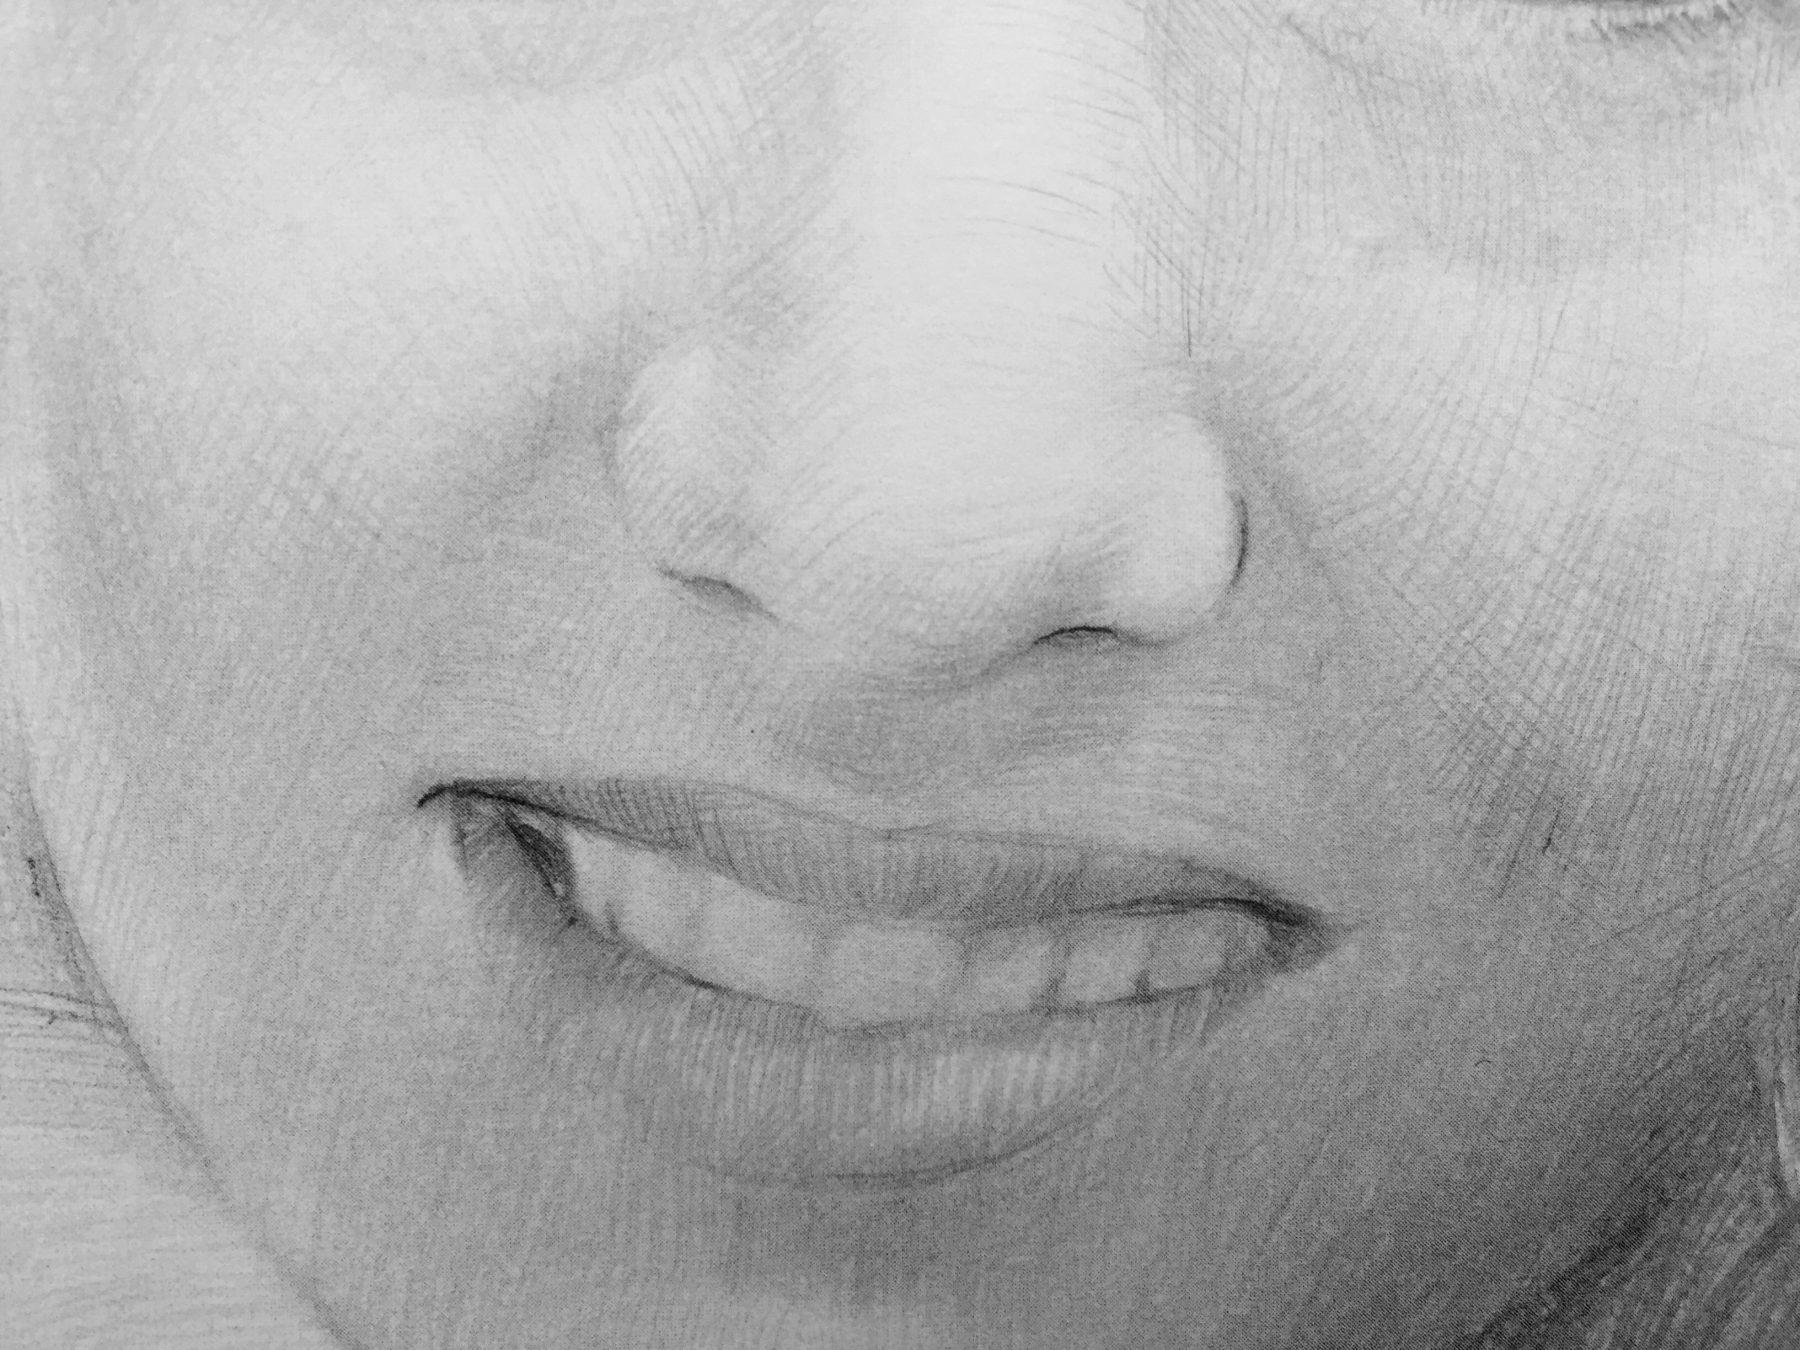 retratos-por-encargo-38-detalle-e1488878040931